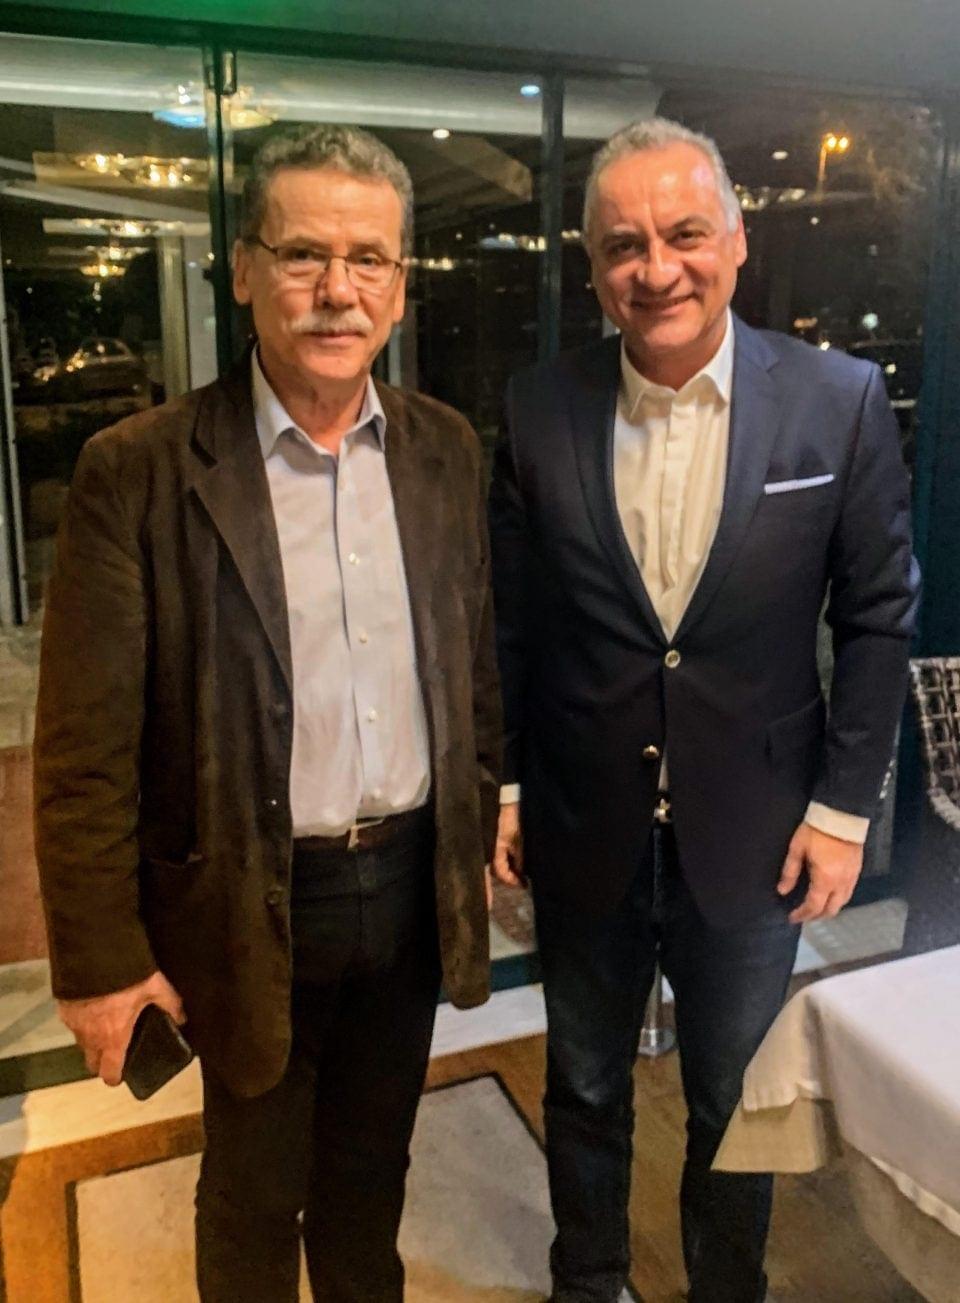 Συνάντηση του δημάρχου Κοζάνης, Λάζαρου Μαλούτα, με τον ευρωβουλευτή Μανώλη Κεφαλογιάννη